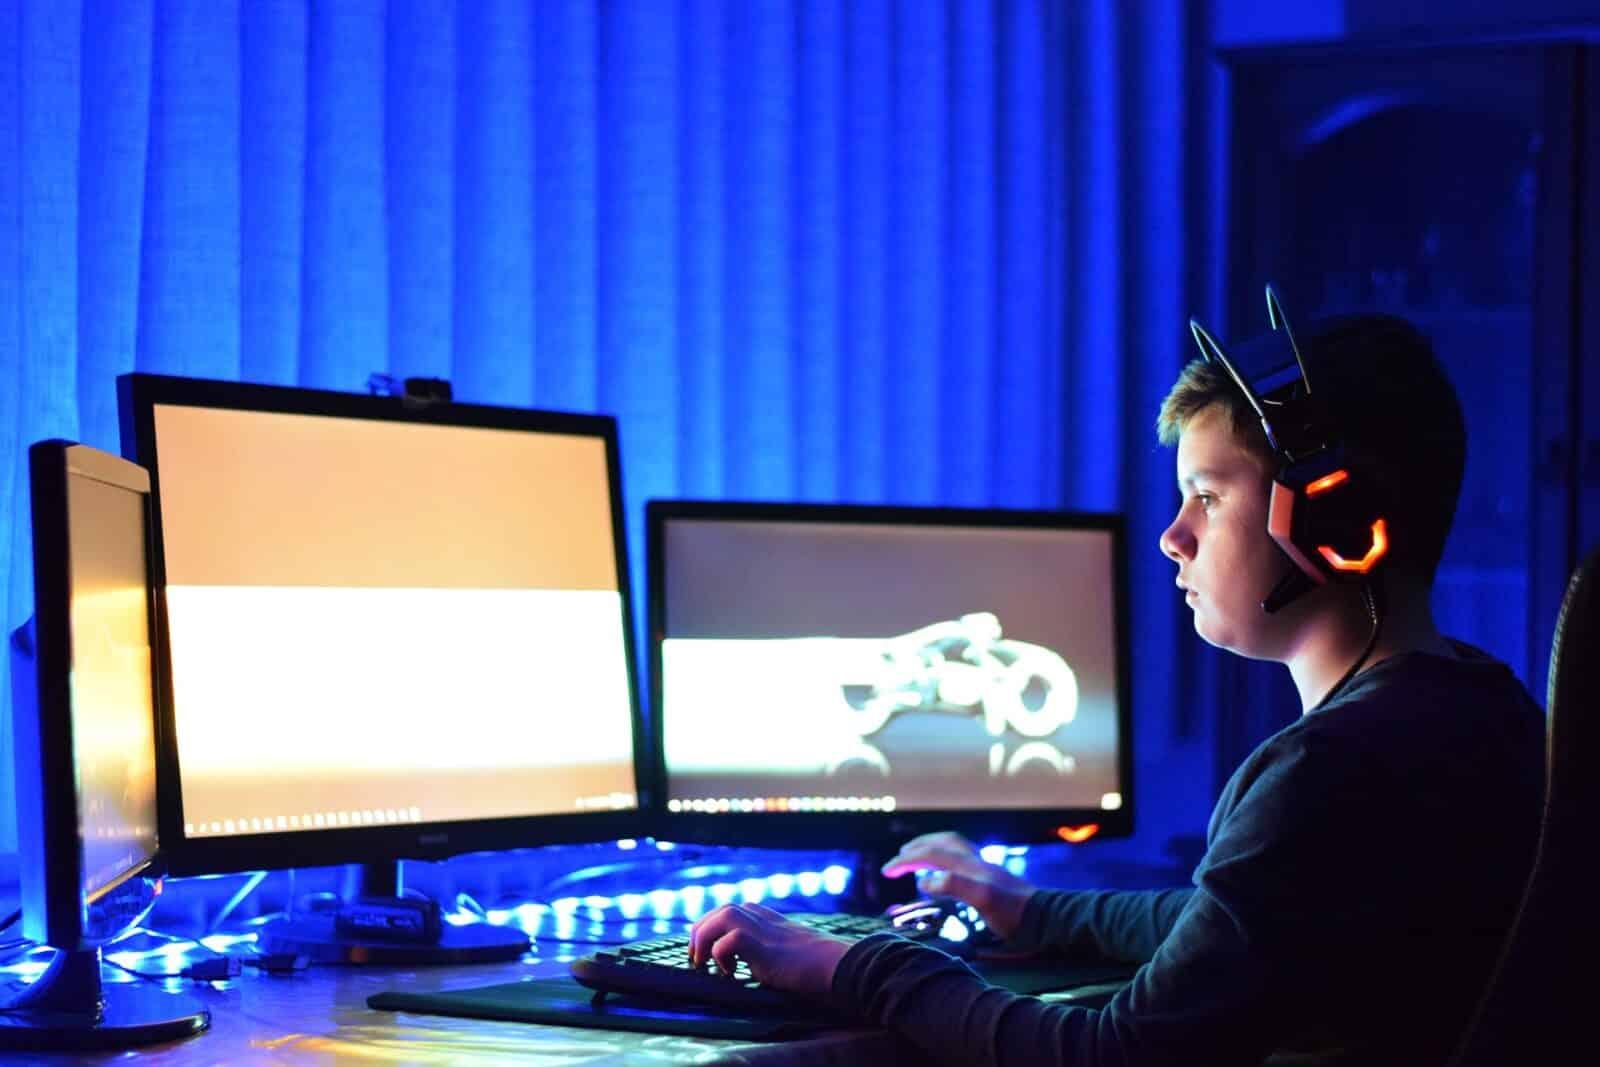 jeux-pc jeux en ligne